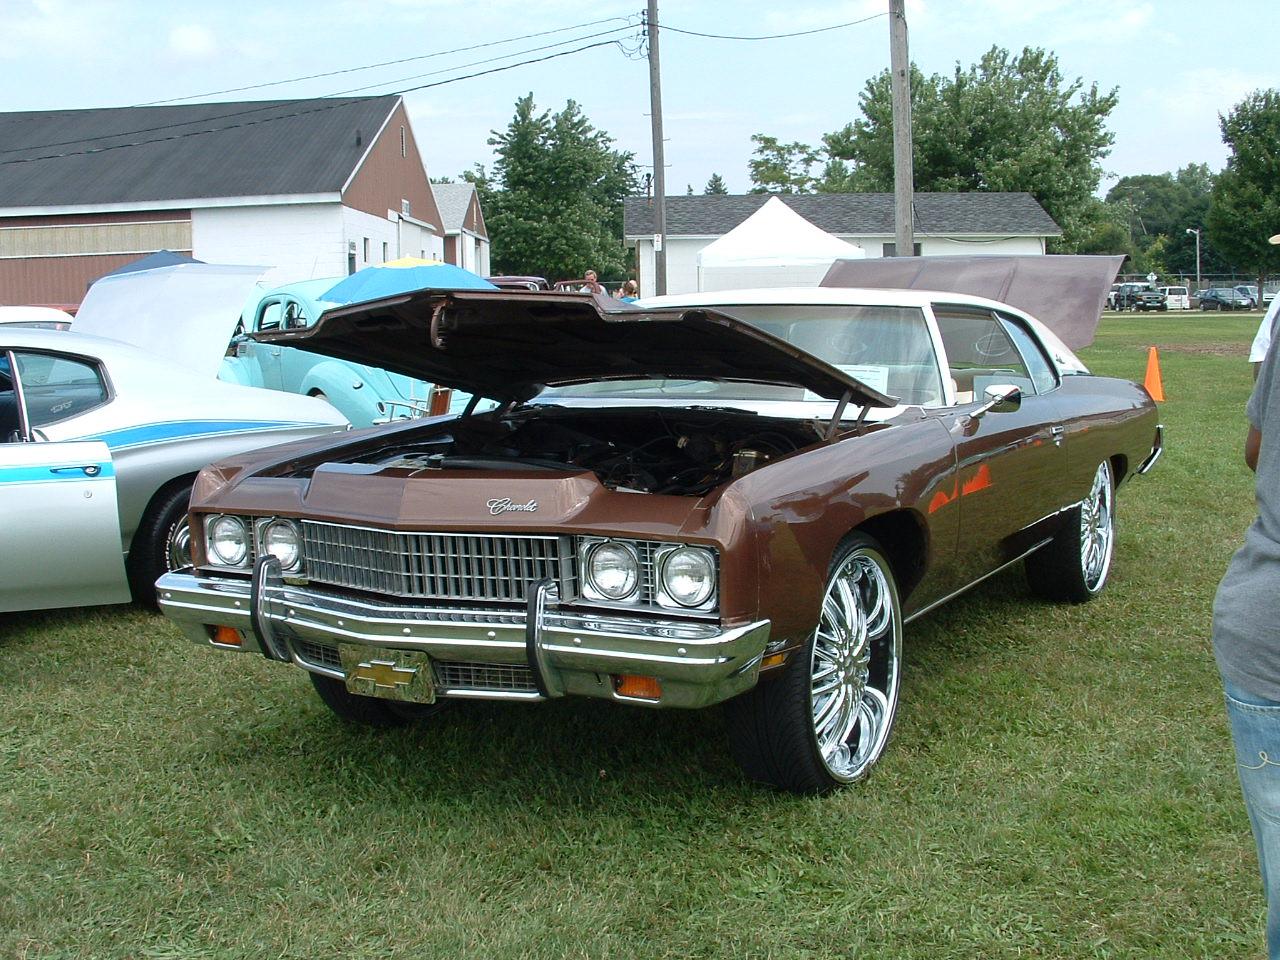 1973 Impala LTZ, no name on